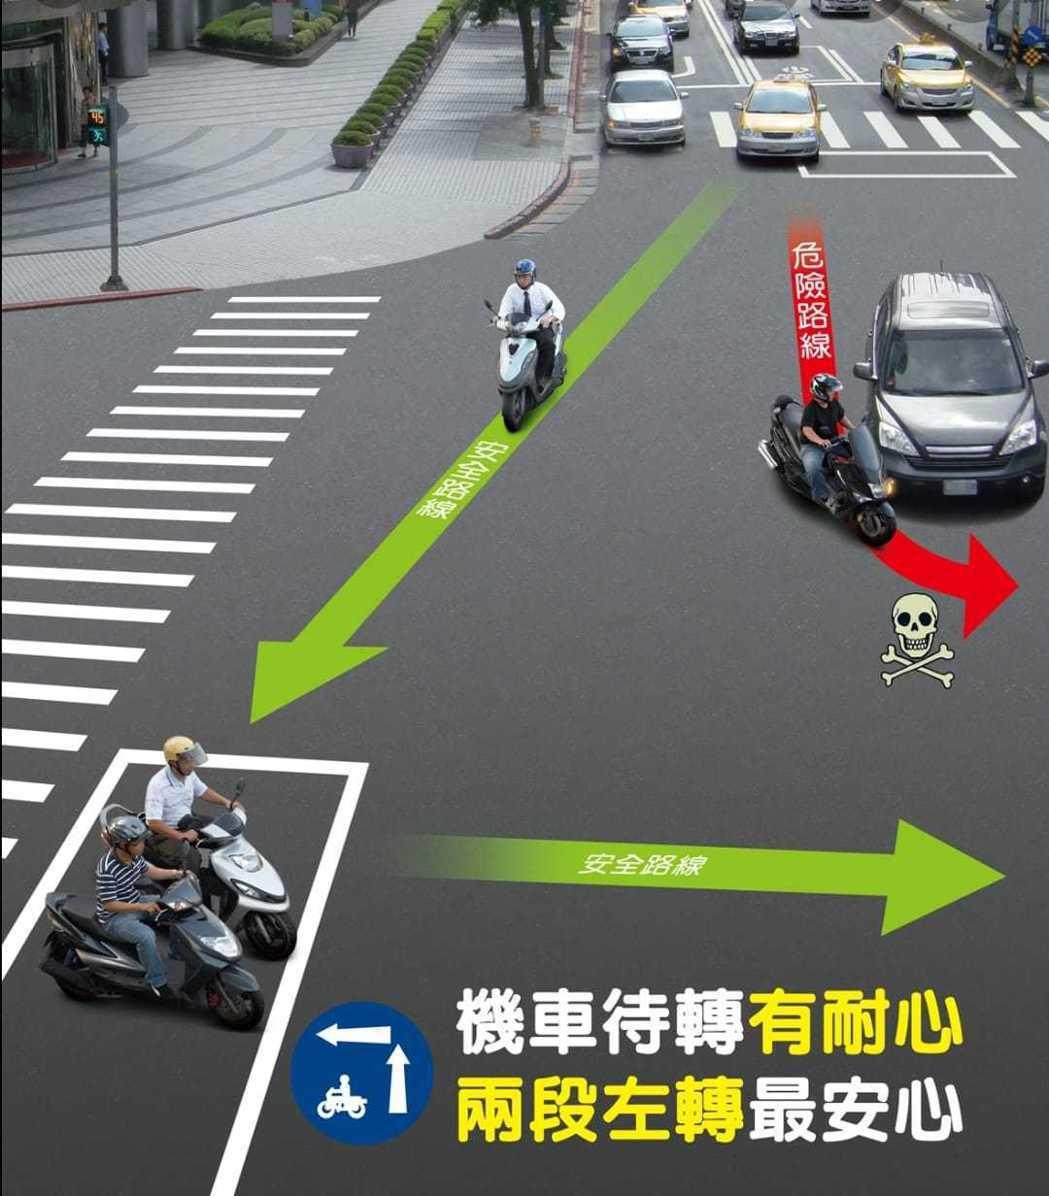 北市議員李明賢指出,尖峰時段車輛太多,待轉區太小導致機車超出區隔頻遭檢舉開單。圖...